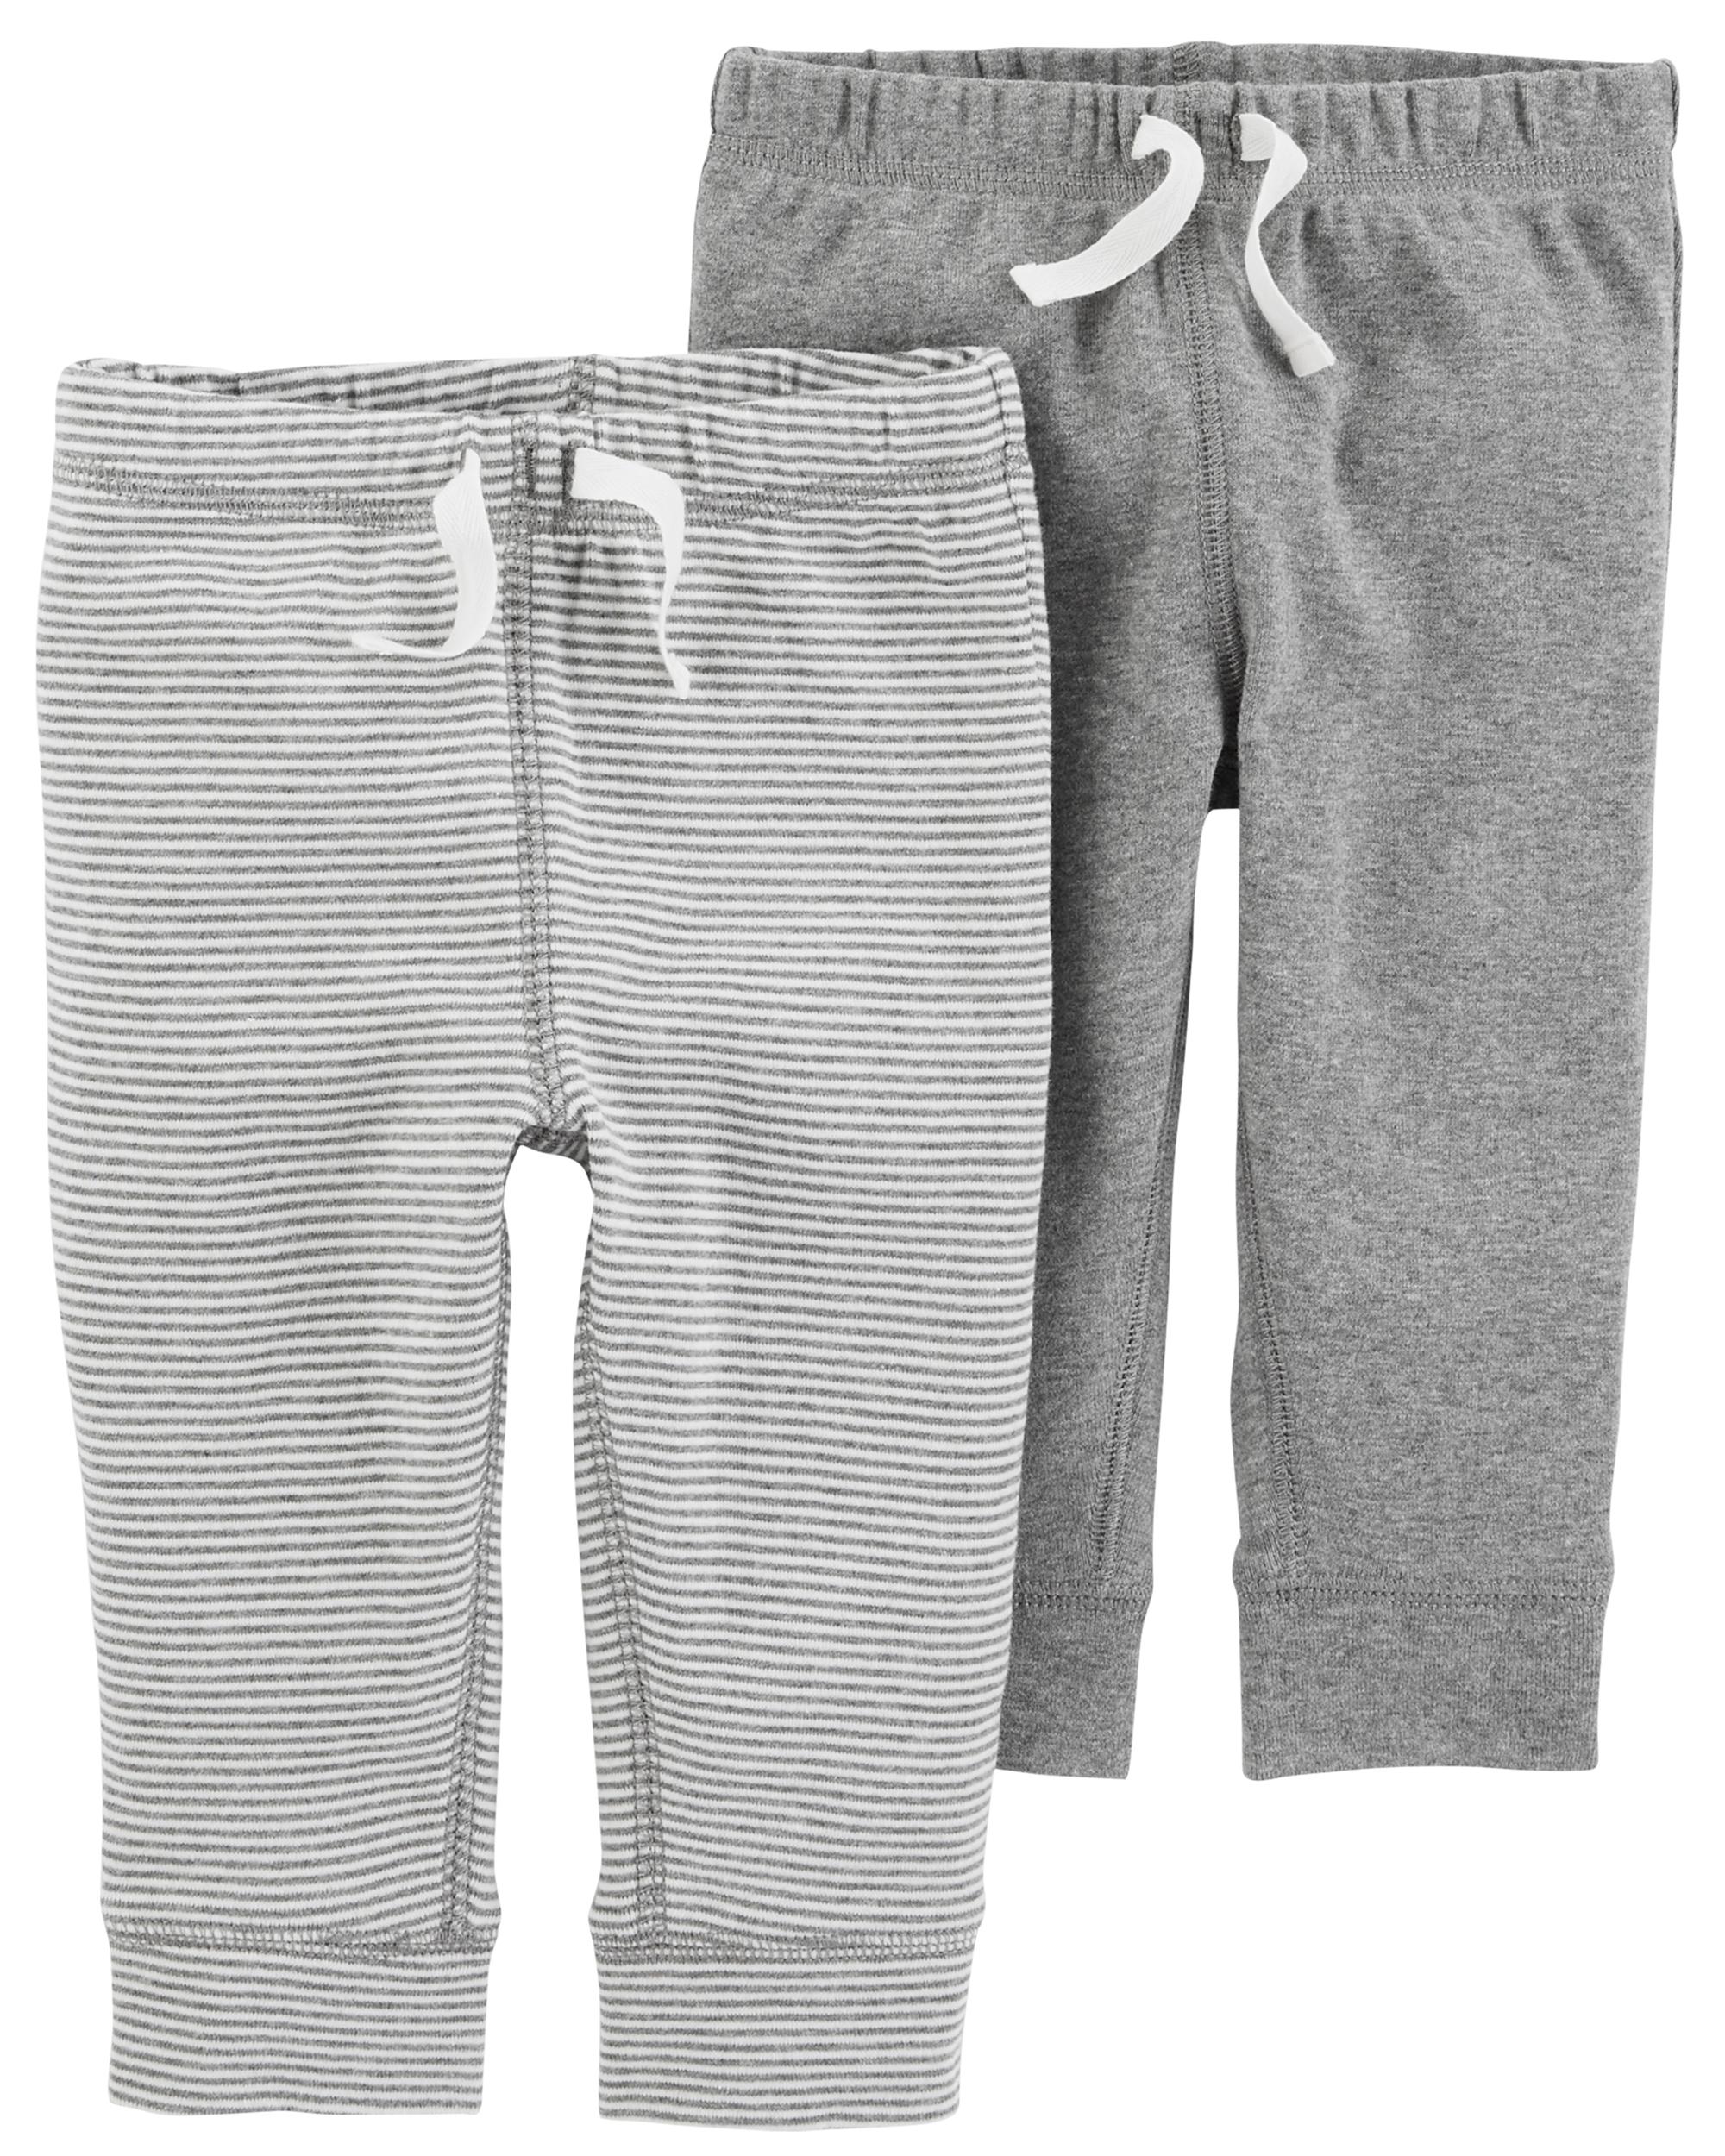 זוג מכנסיים סרט אפור/פסים